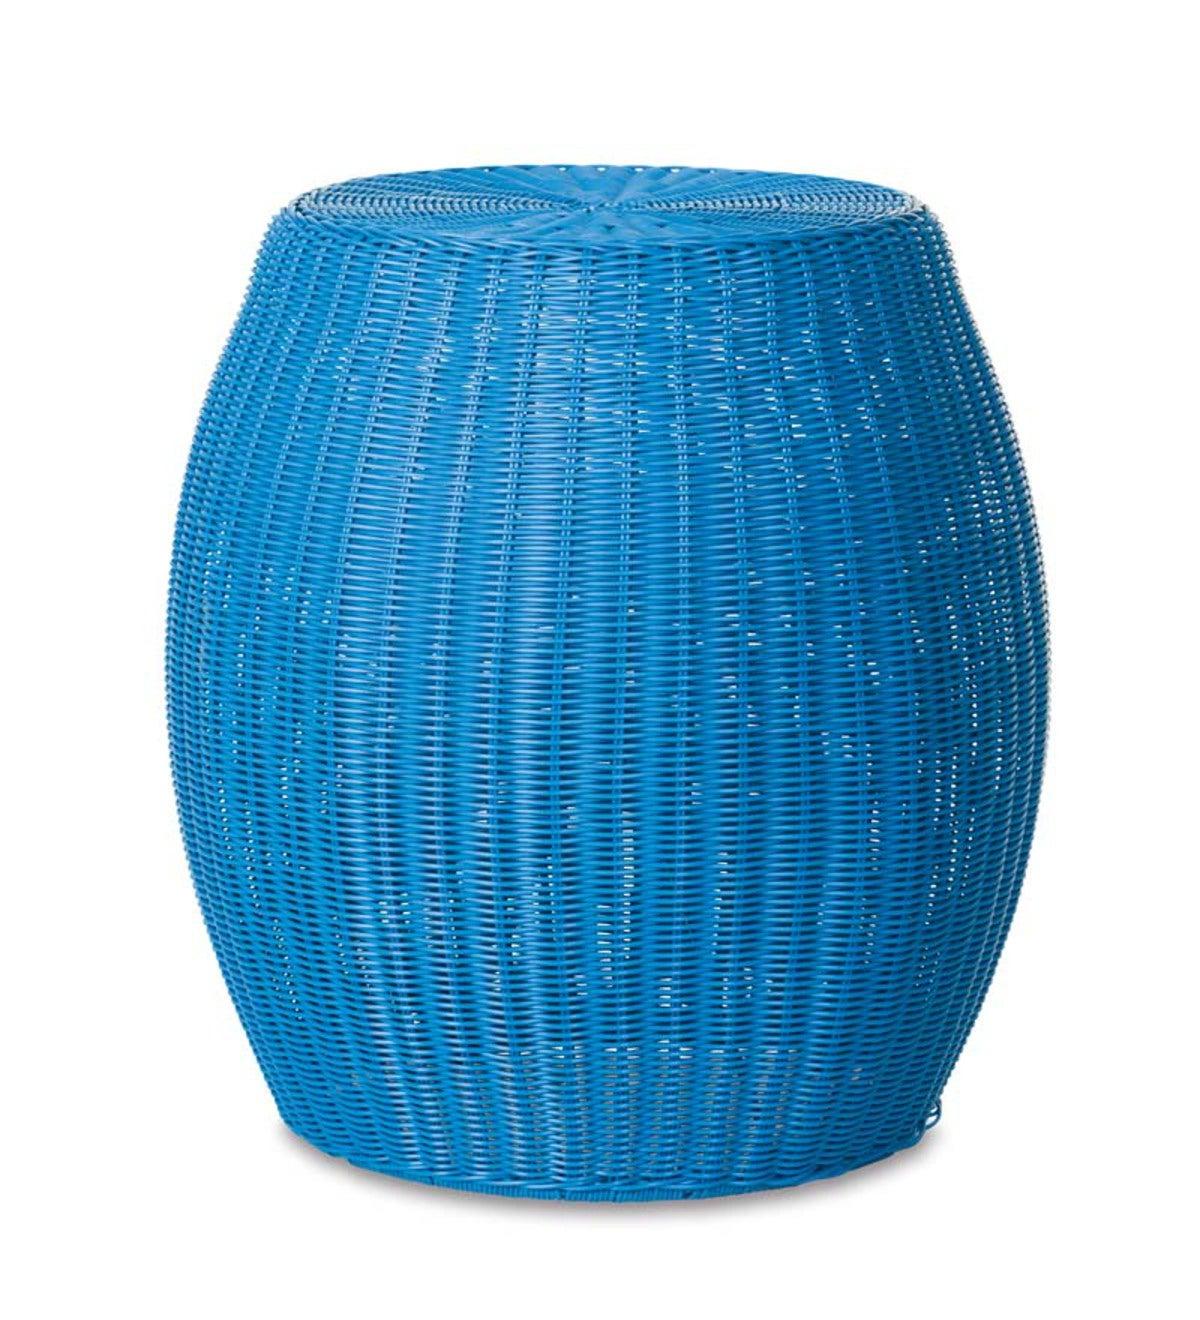 Small Outdoor Wicker Ottoman Pouf Blue Plowhearth